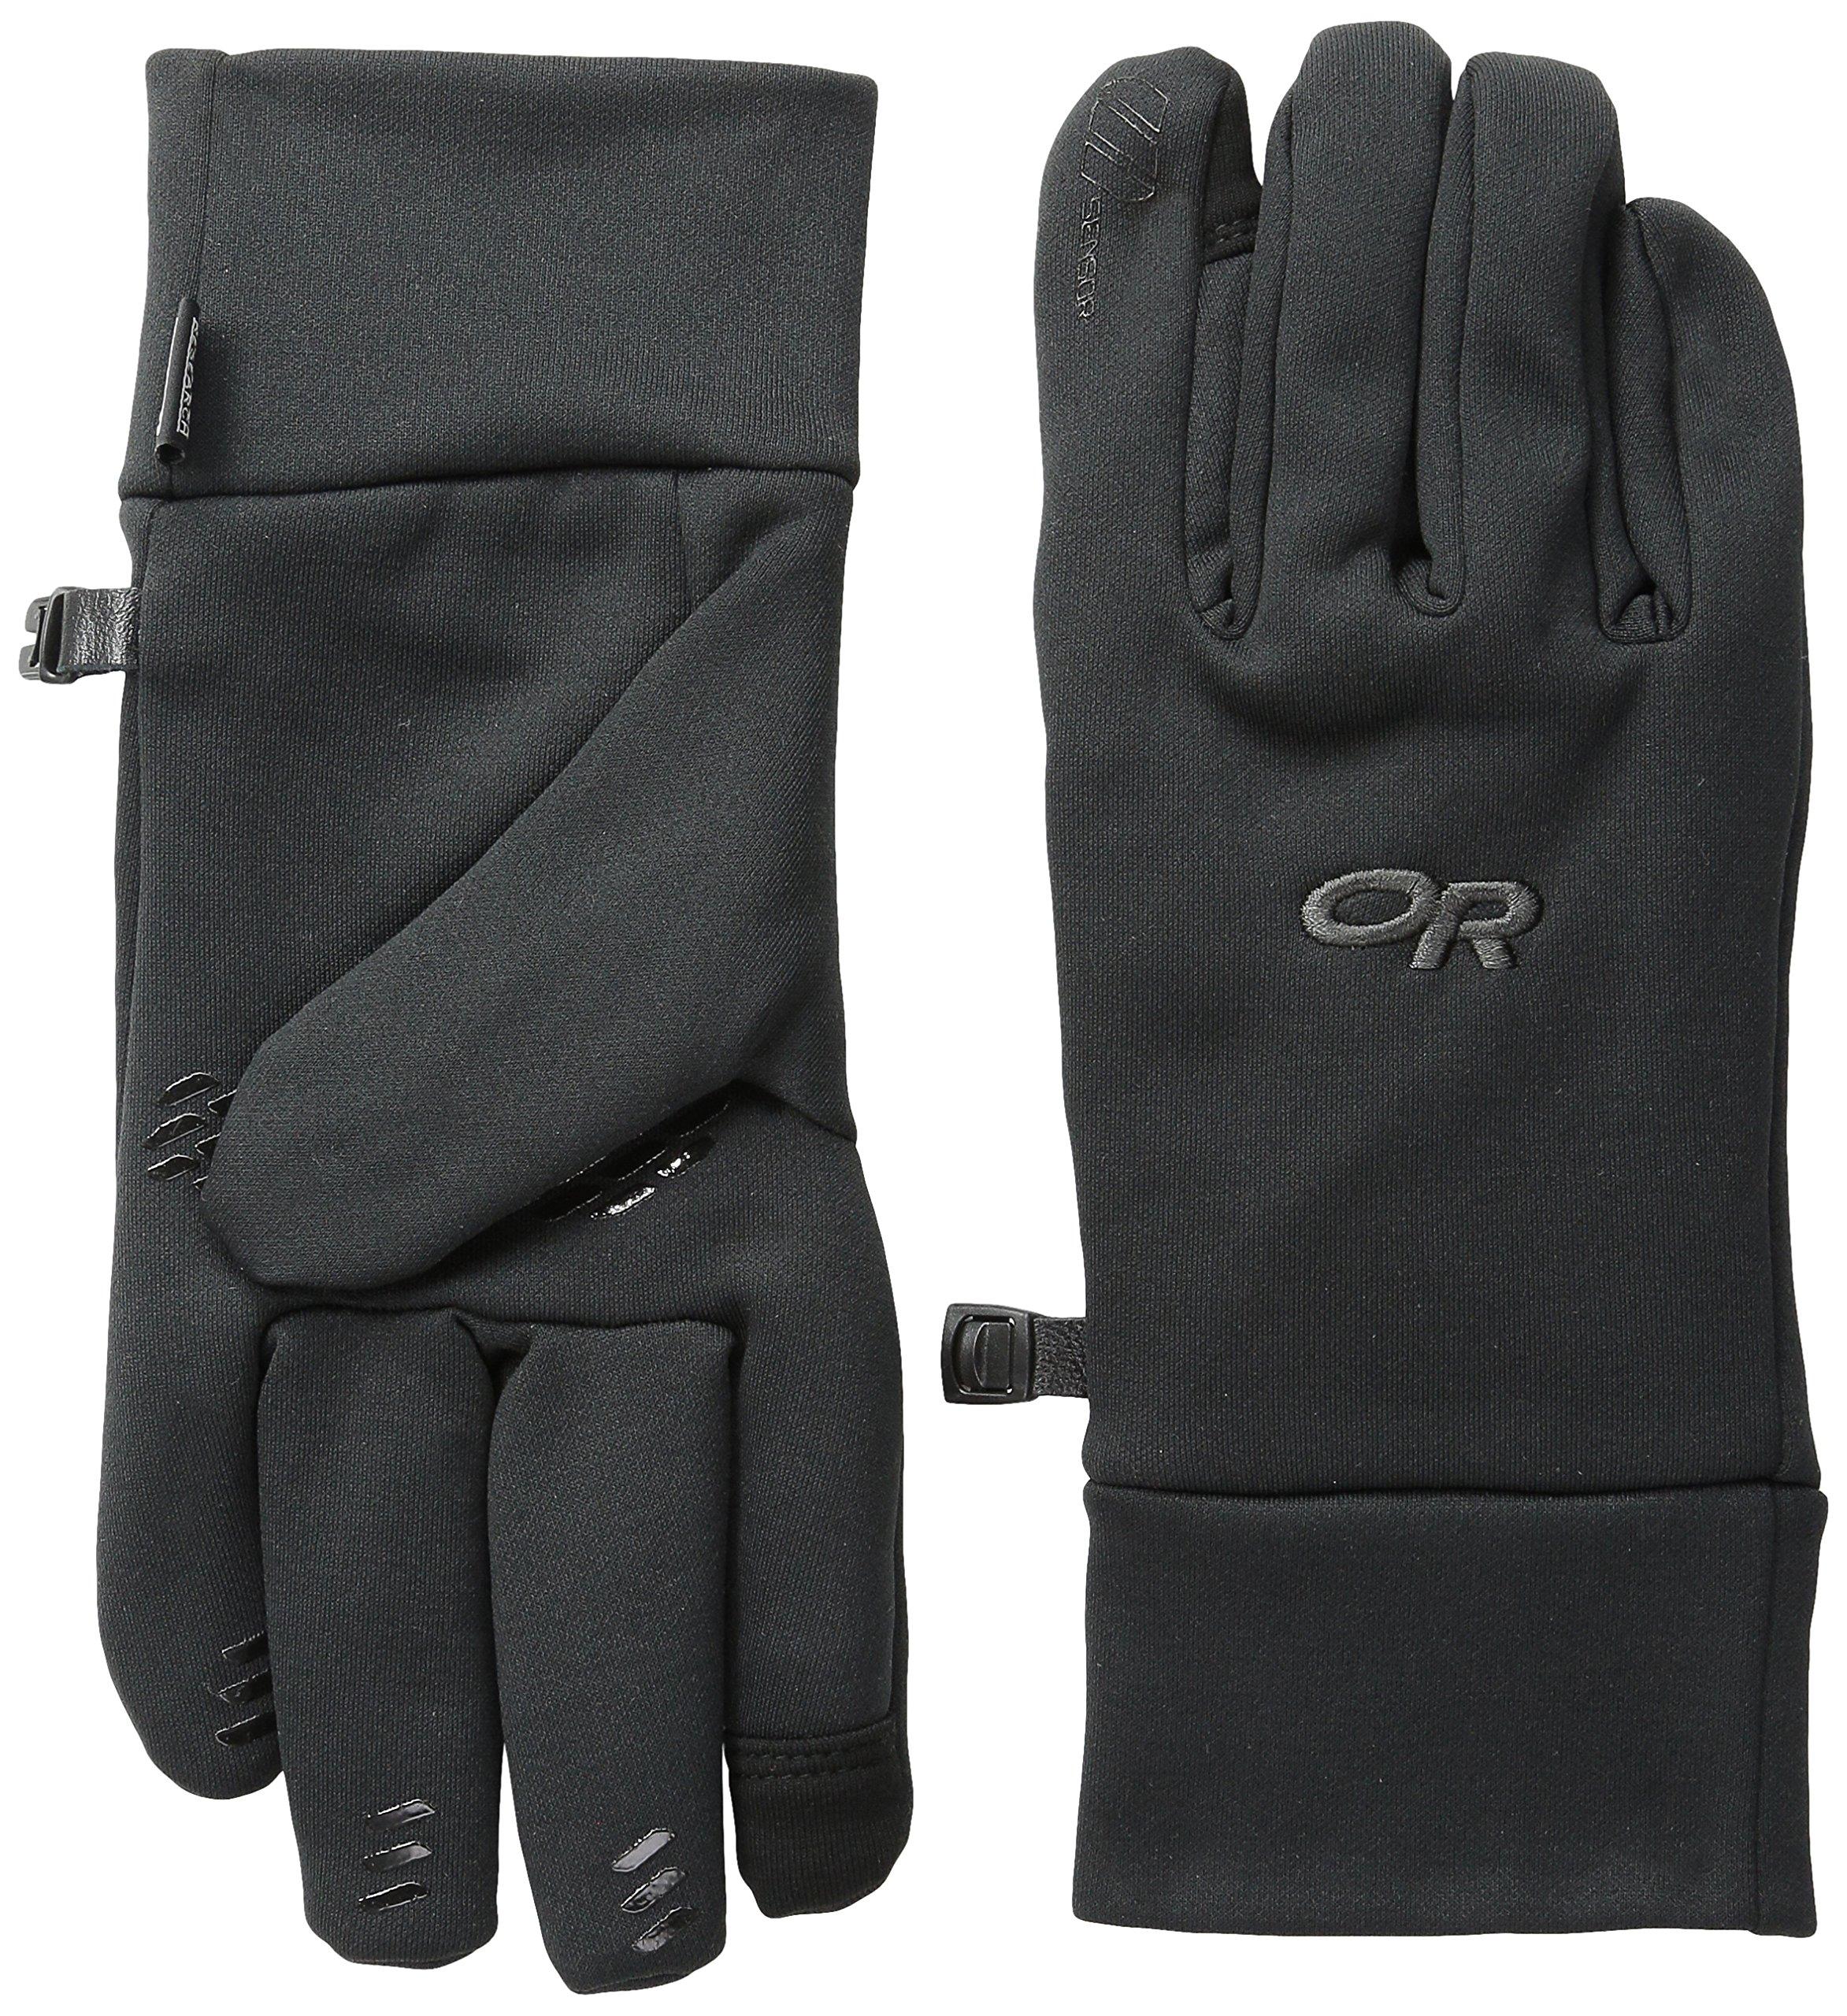 Outdoor Research Men's PL400 Sensor Gloves, Black, Large